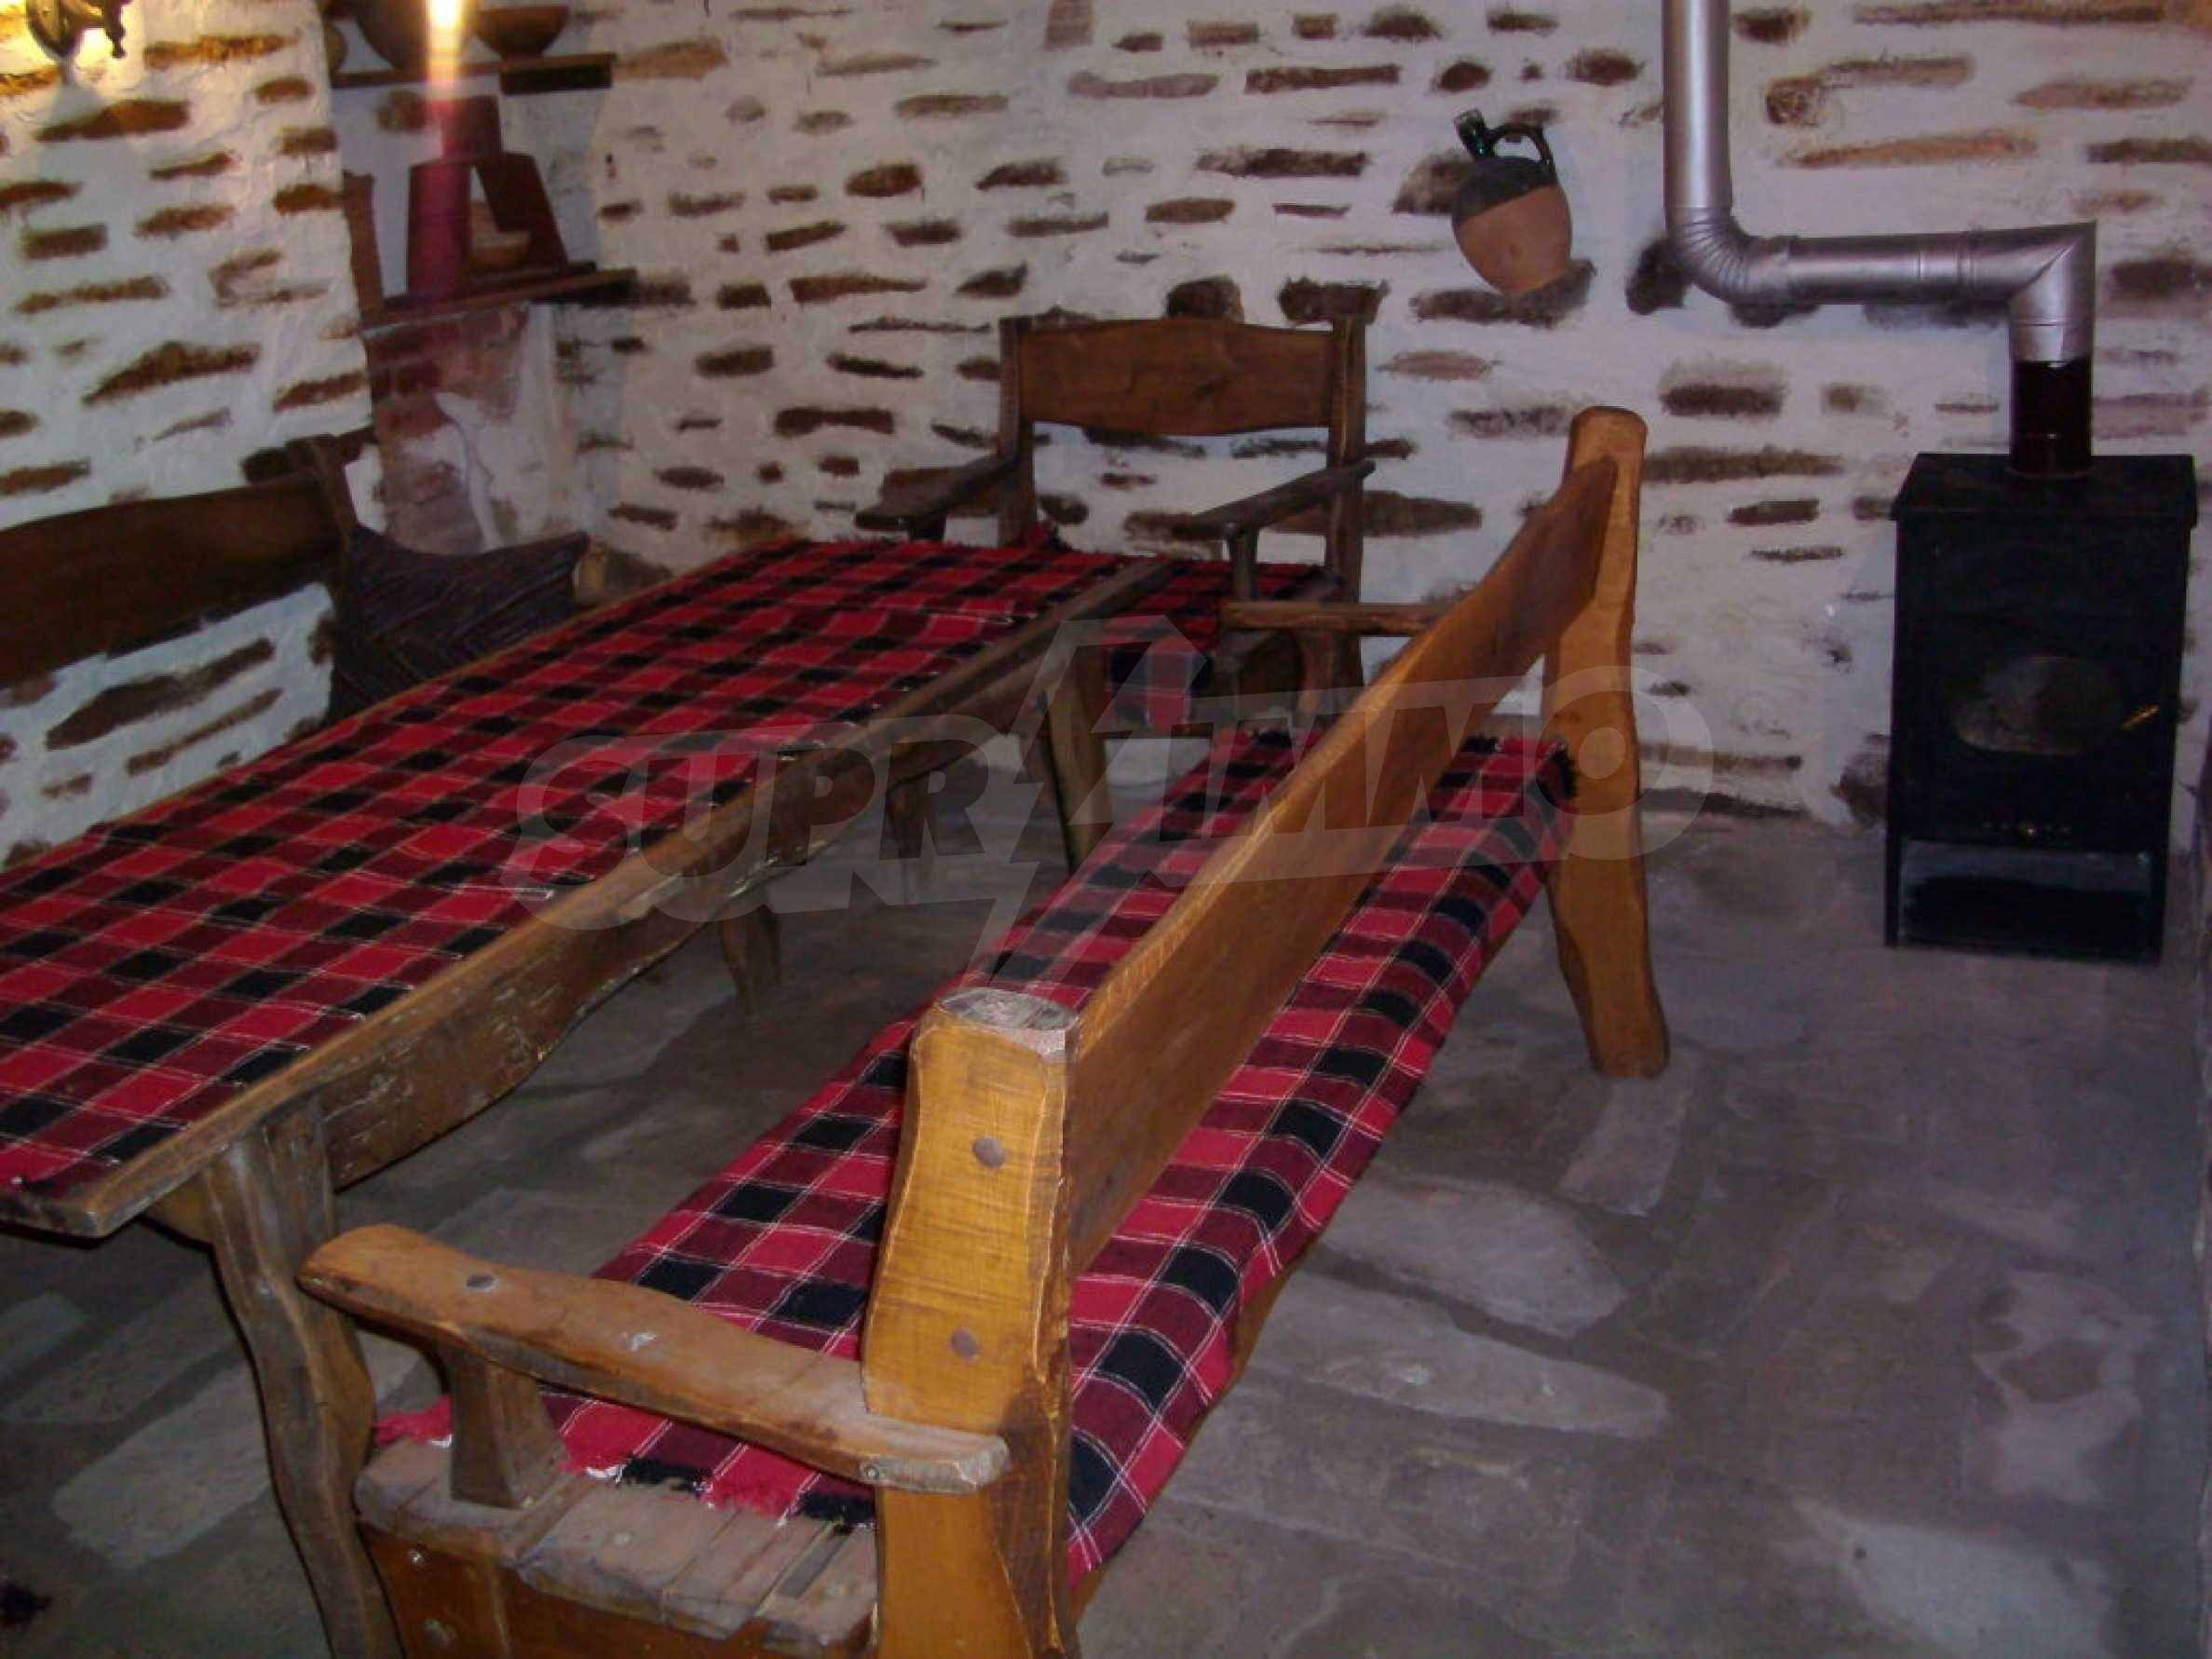 Vollständig möbliertes Anwesen im erhaltenen traditionellen bulgarischen Stil 11